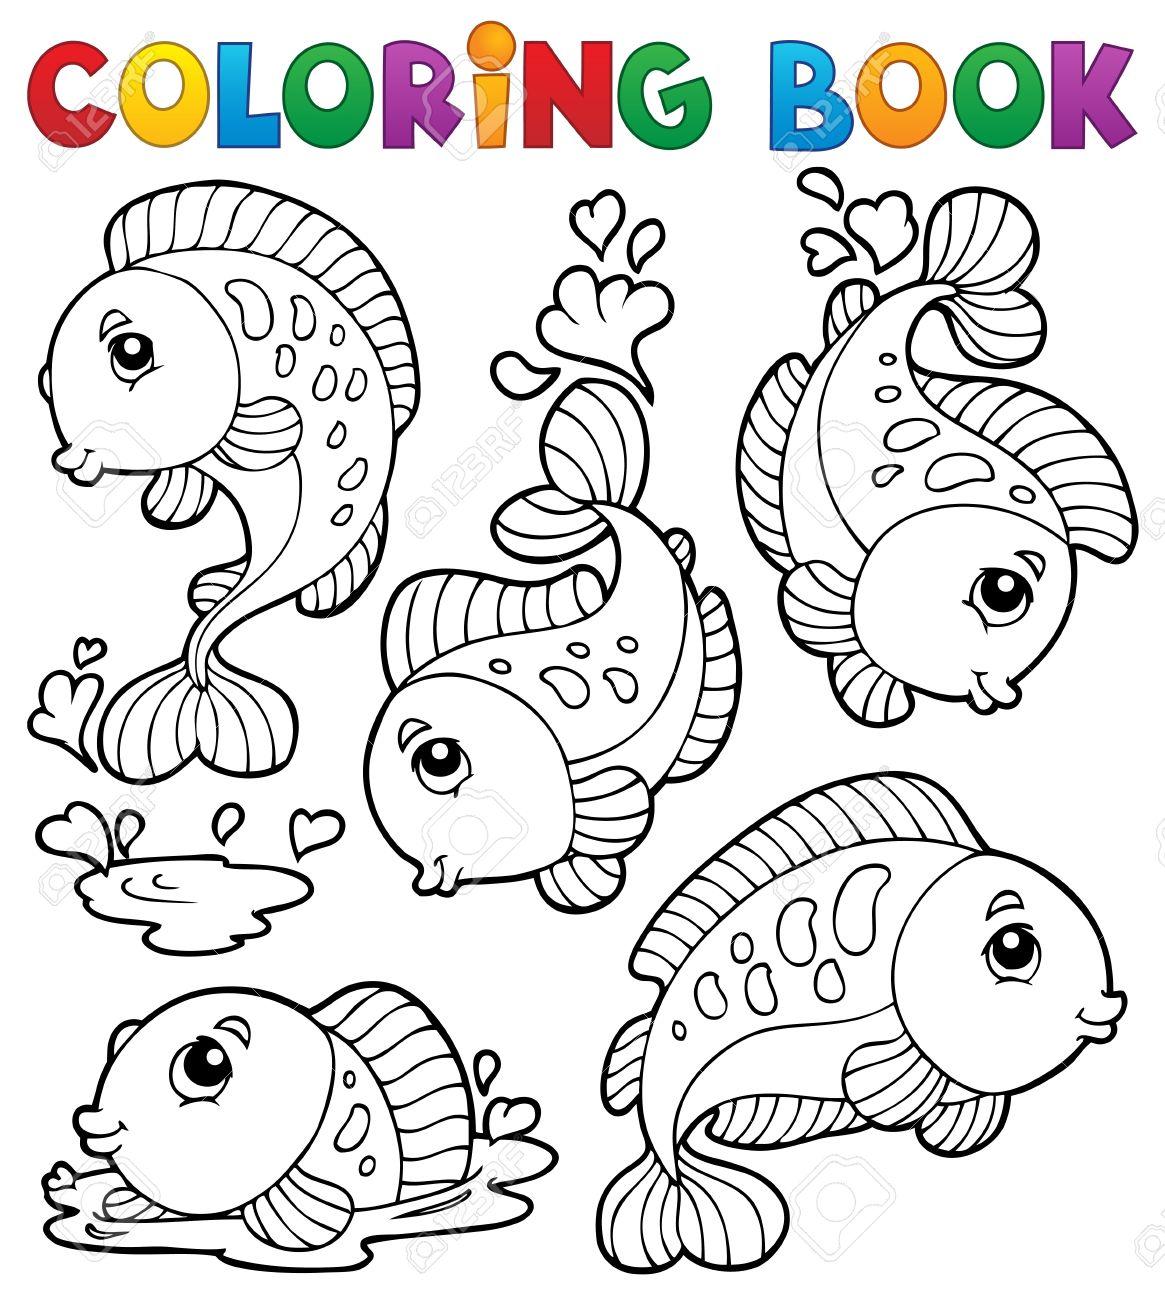 Libro Para Colorear Con El Tema De Los Peces 1 - Ilustración ...